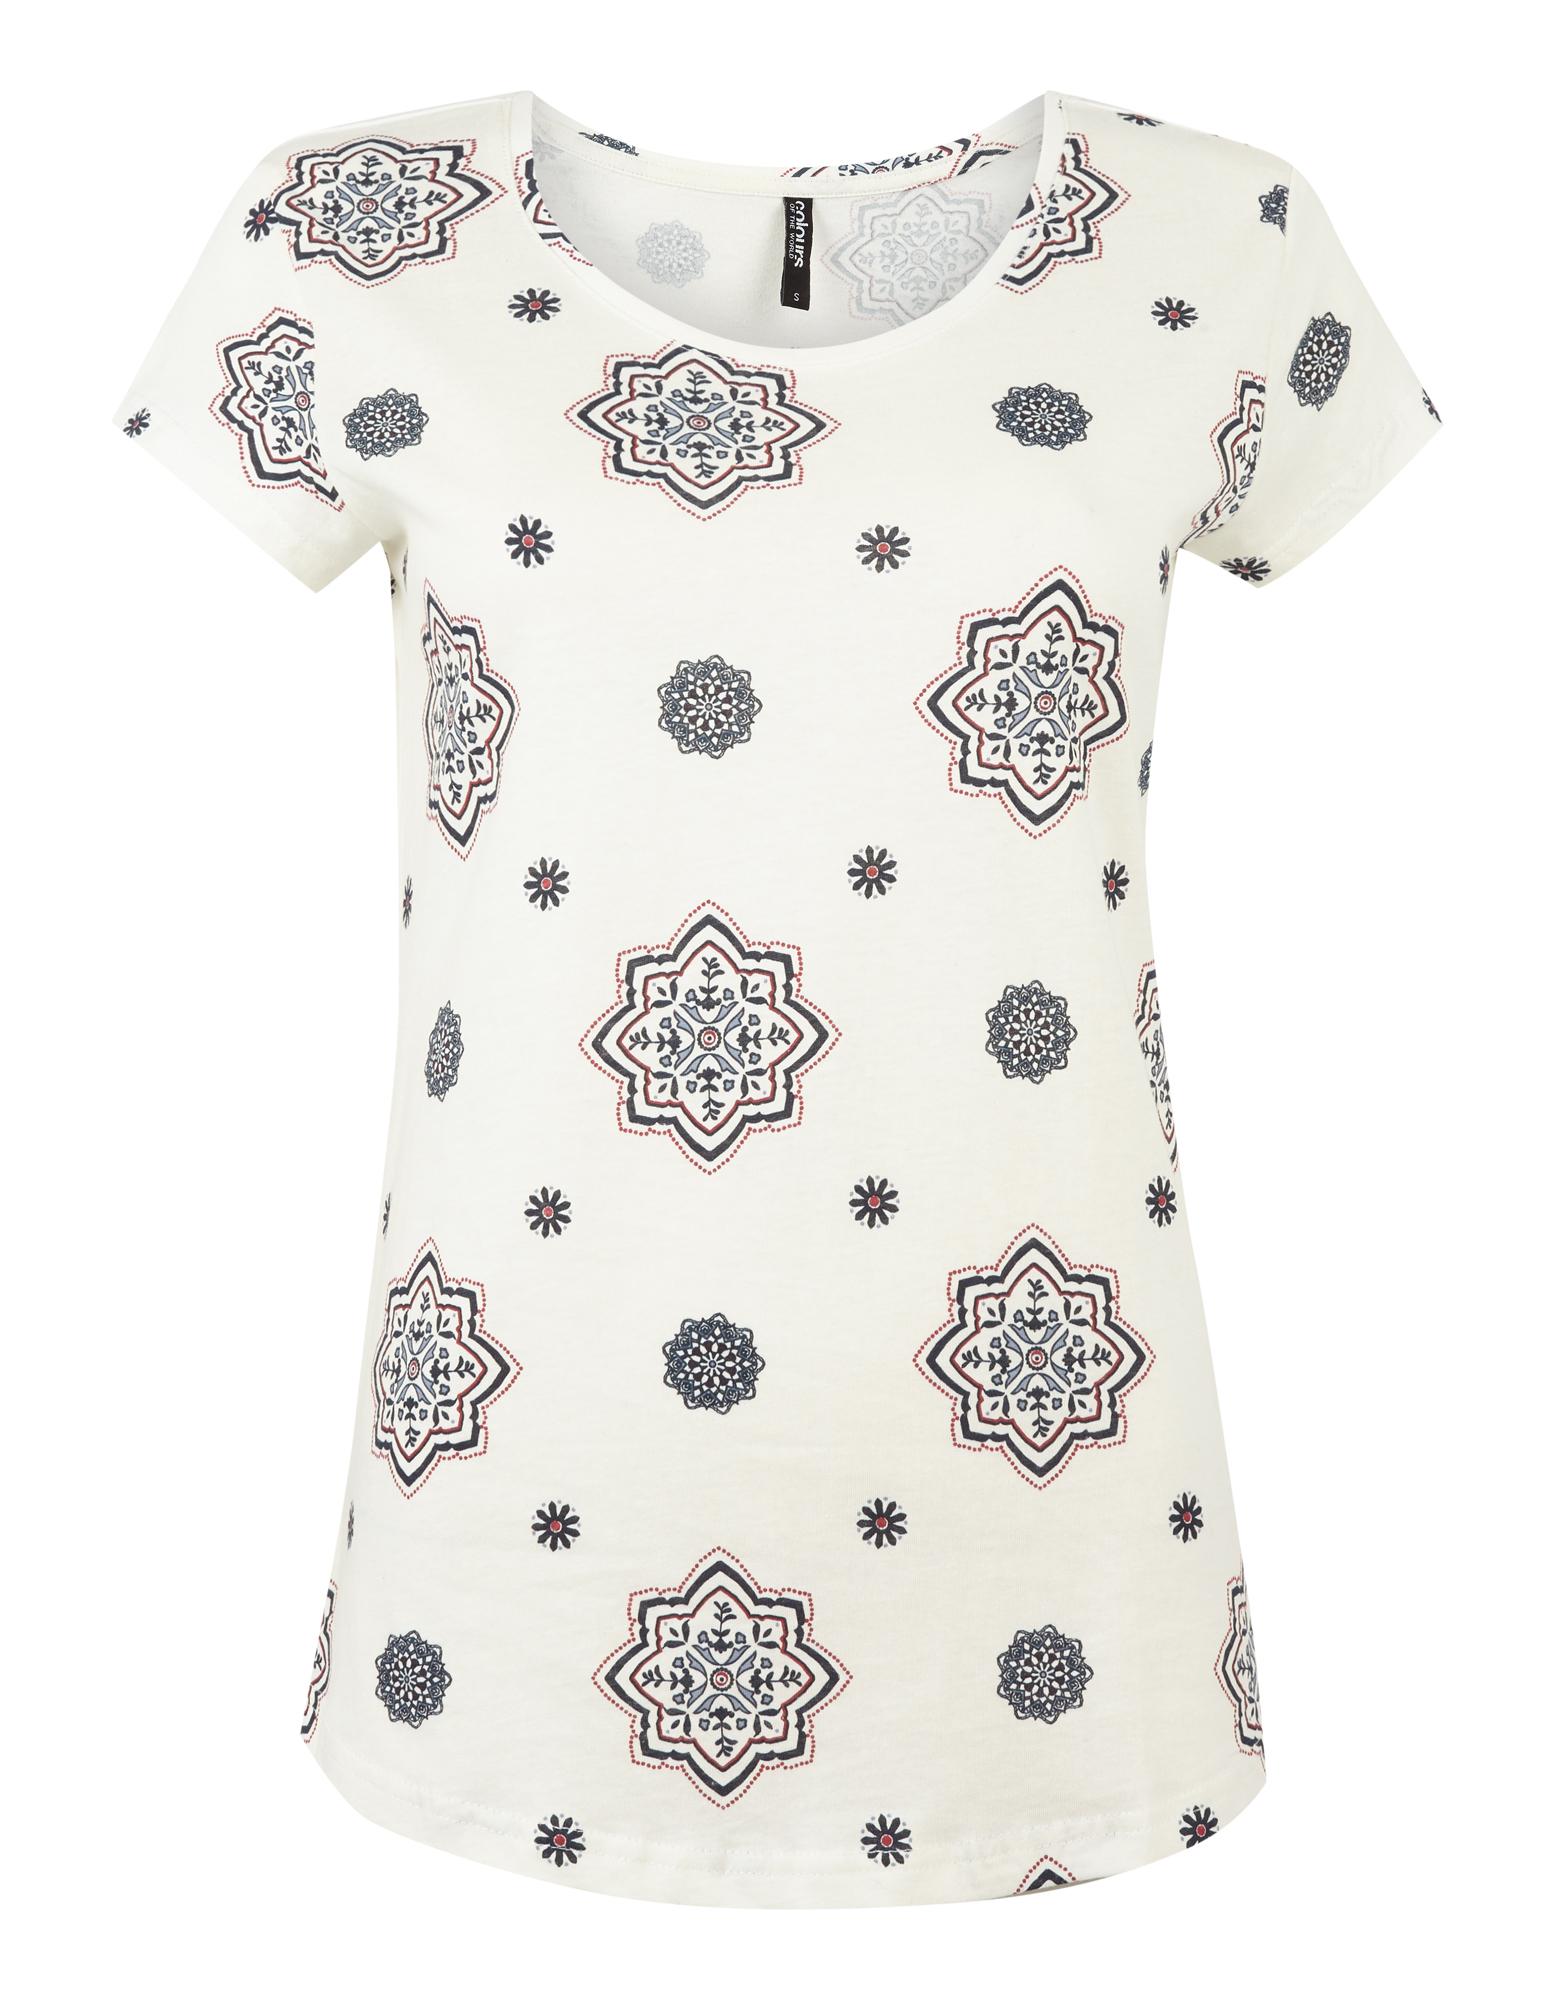 fcbc153b1e63b6 Damen T-Shirt mit Allover-Muster - Takko Fashion